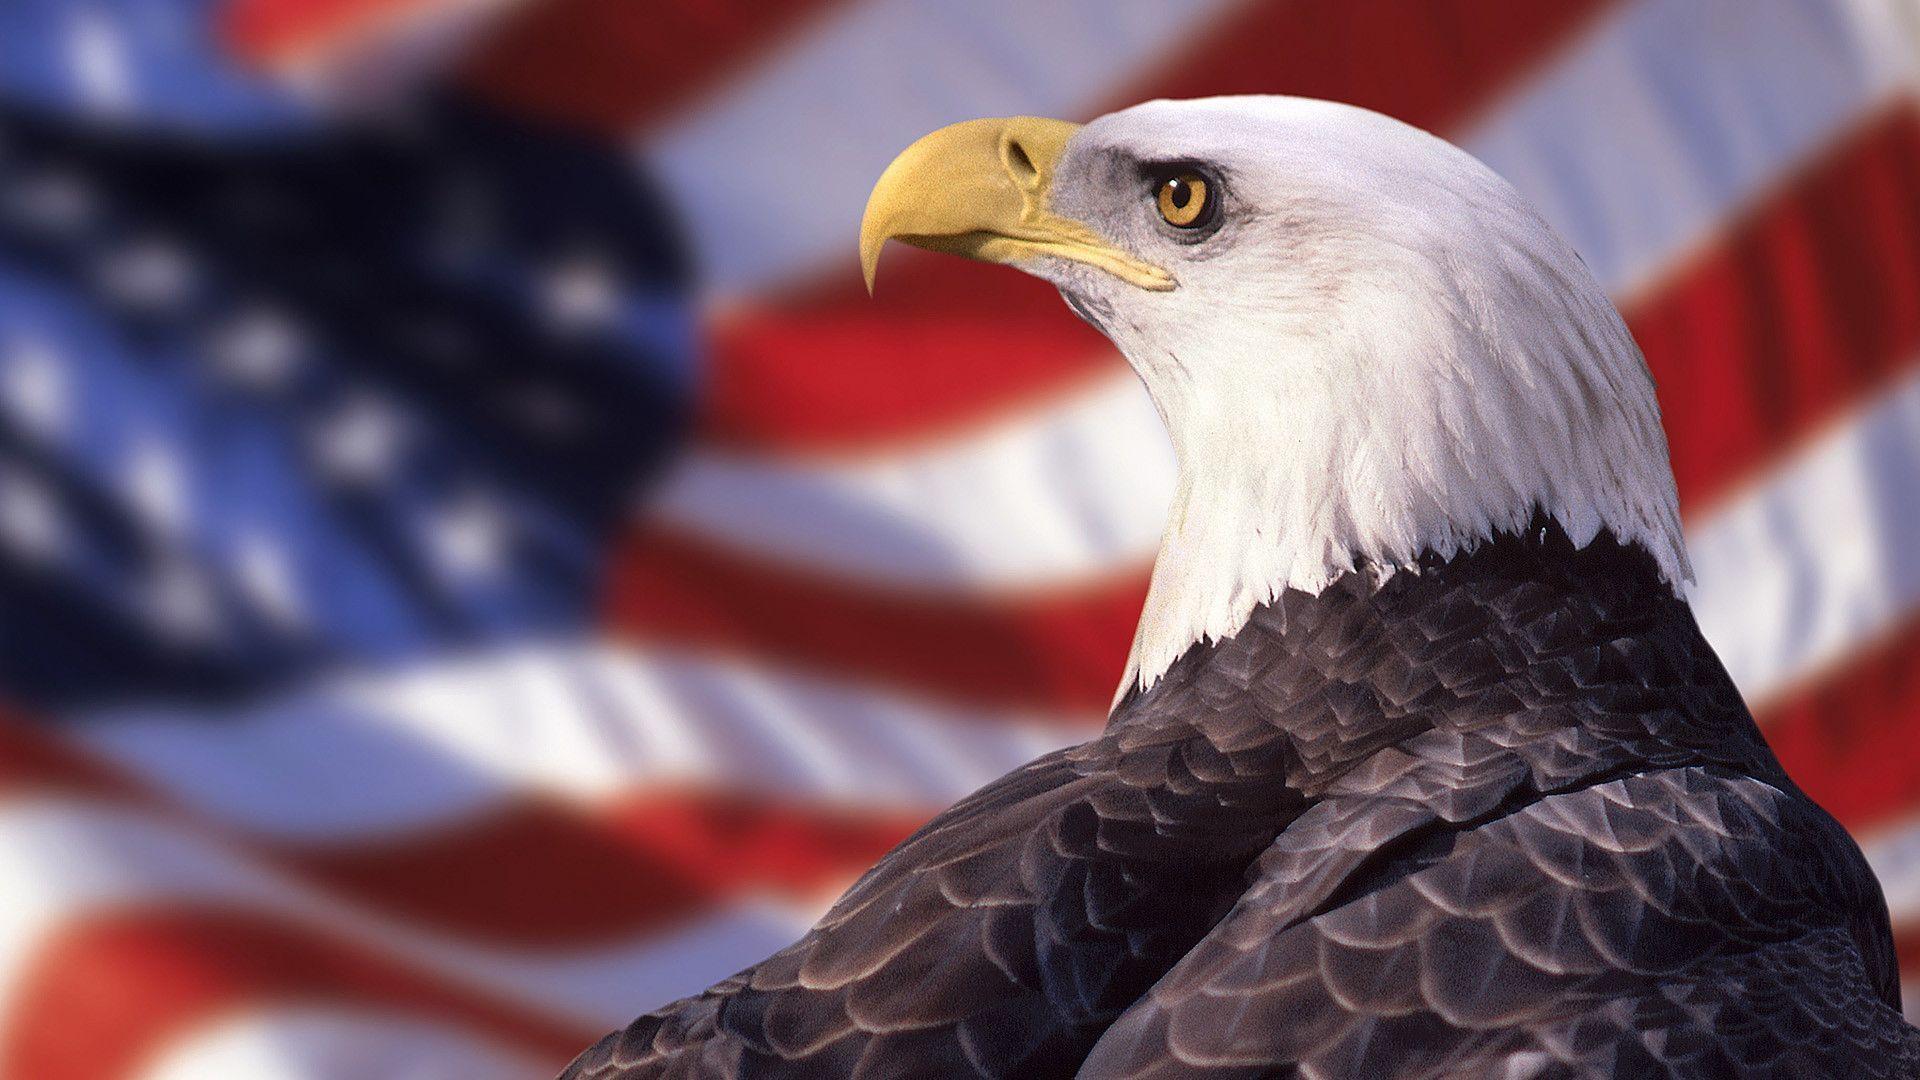 Bald Eagle American Flag Wallpaper